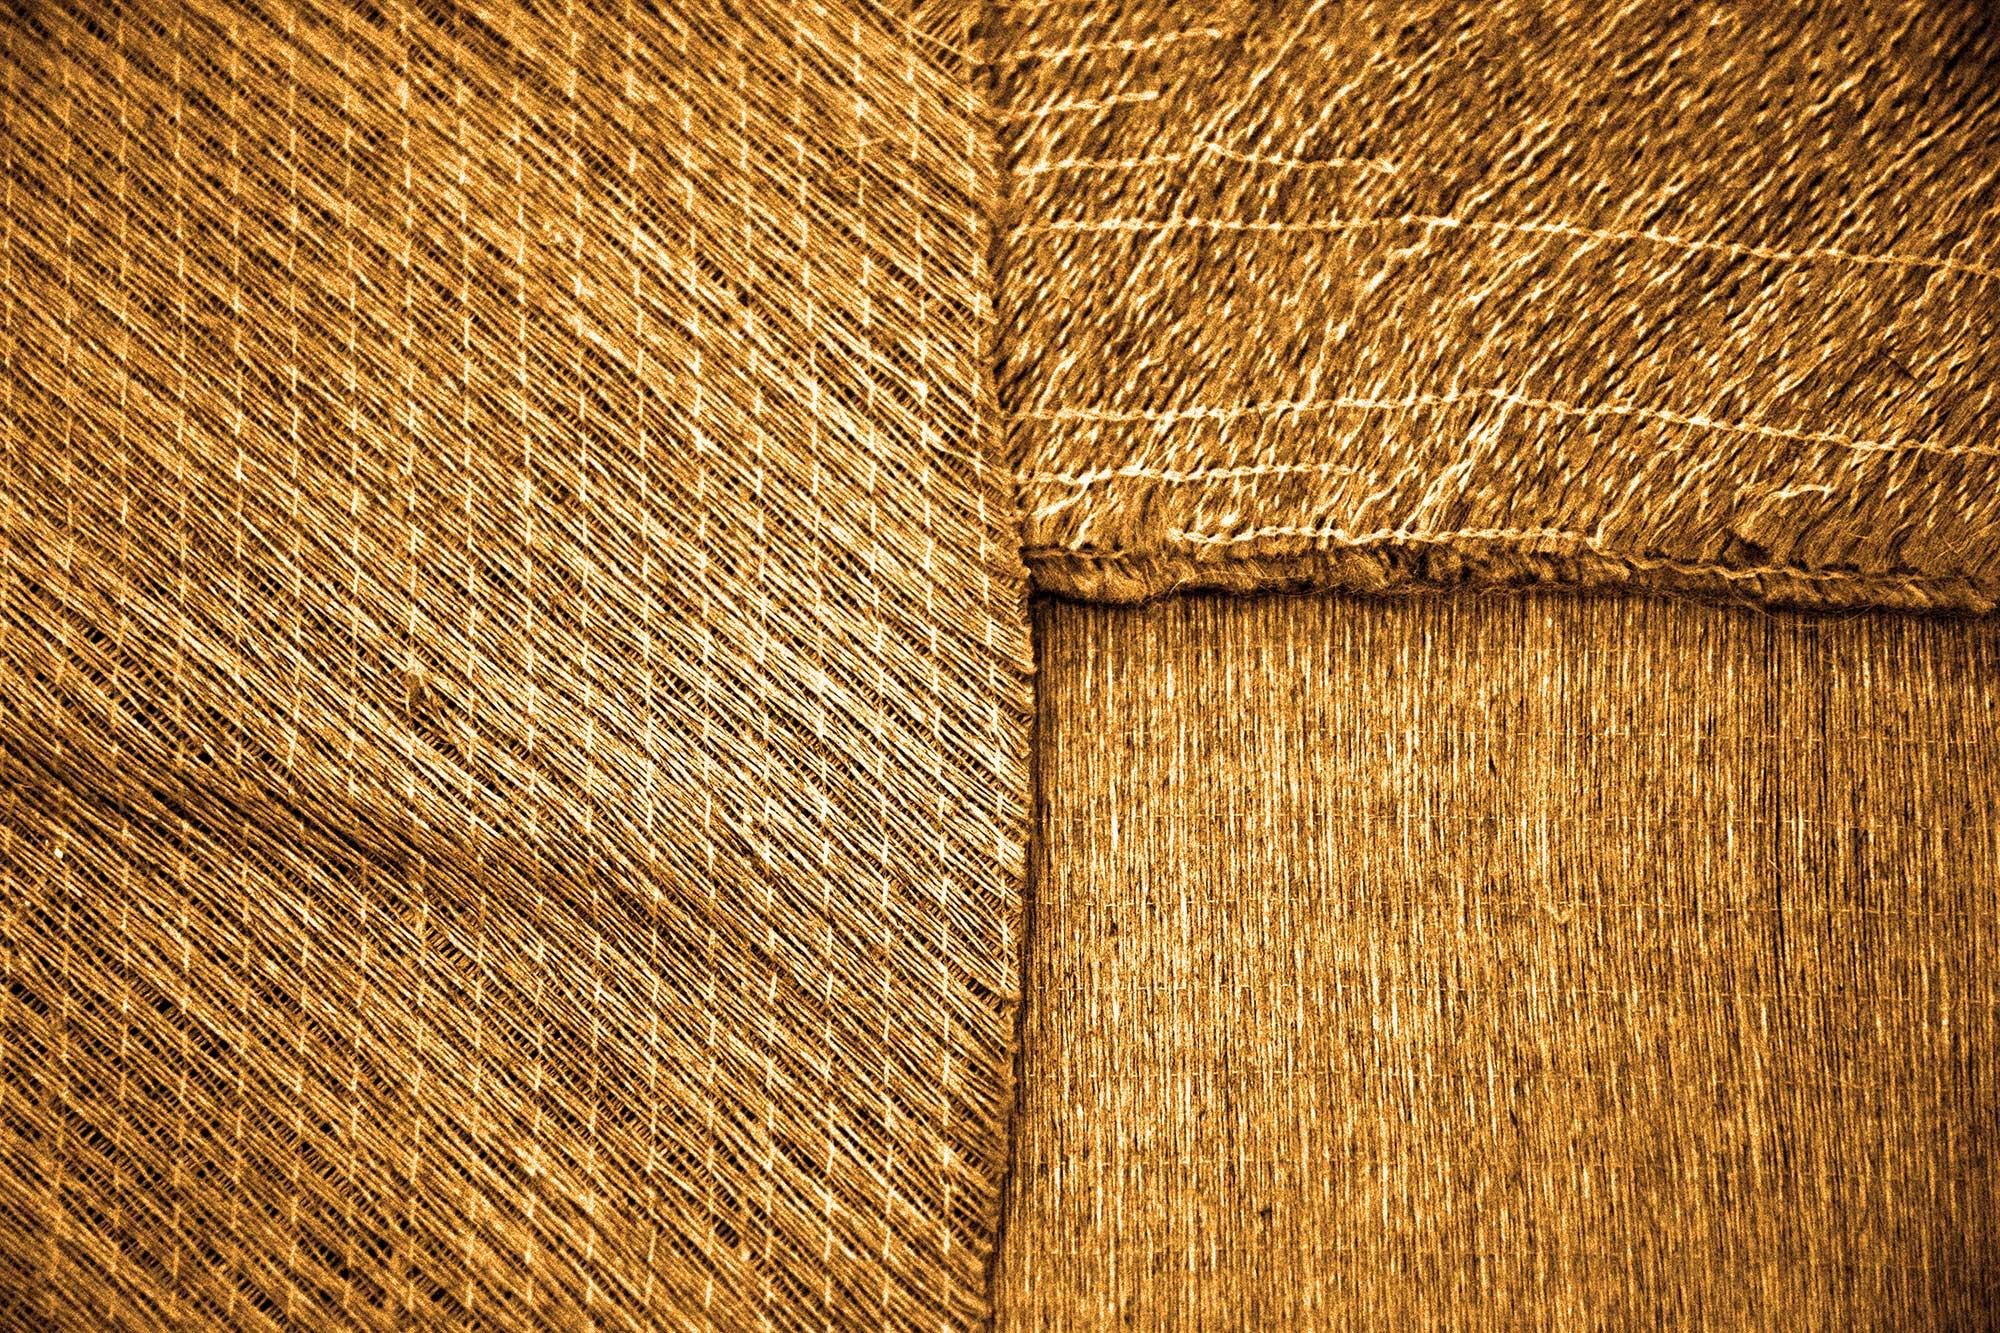 Flax fibres woven closeup